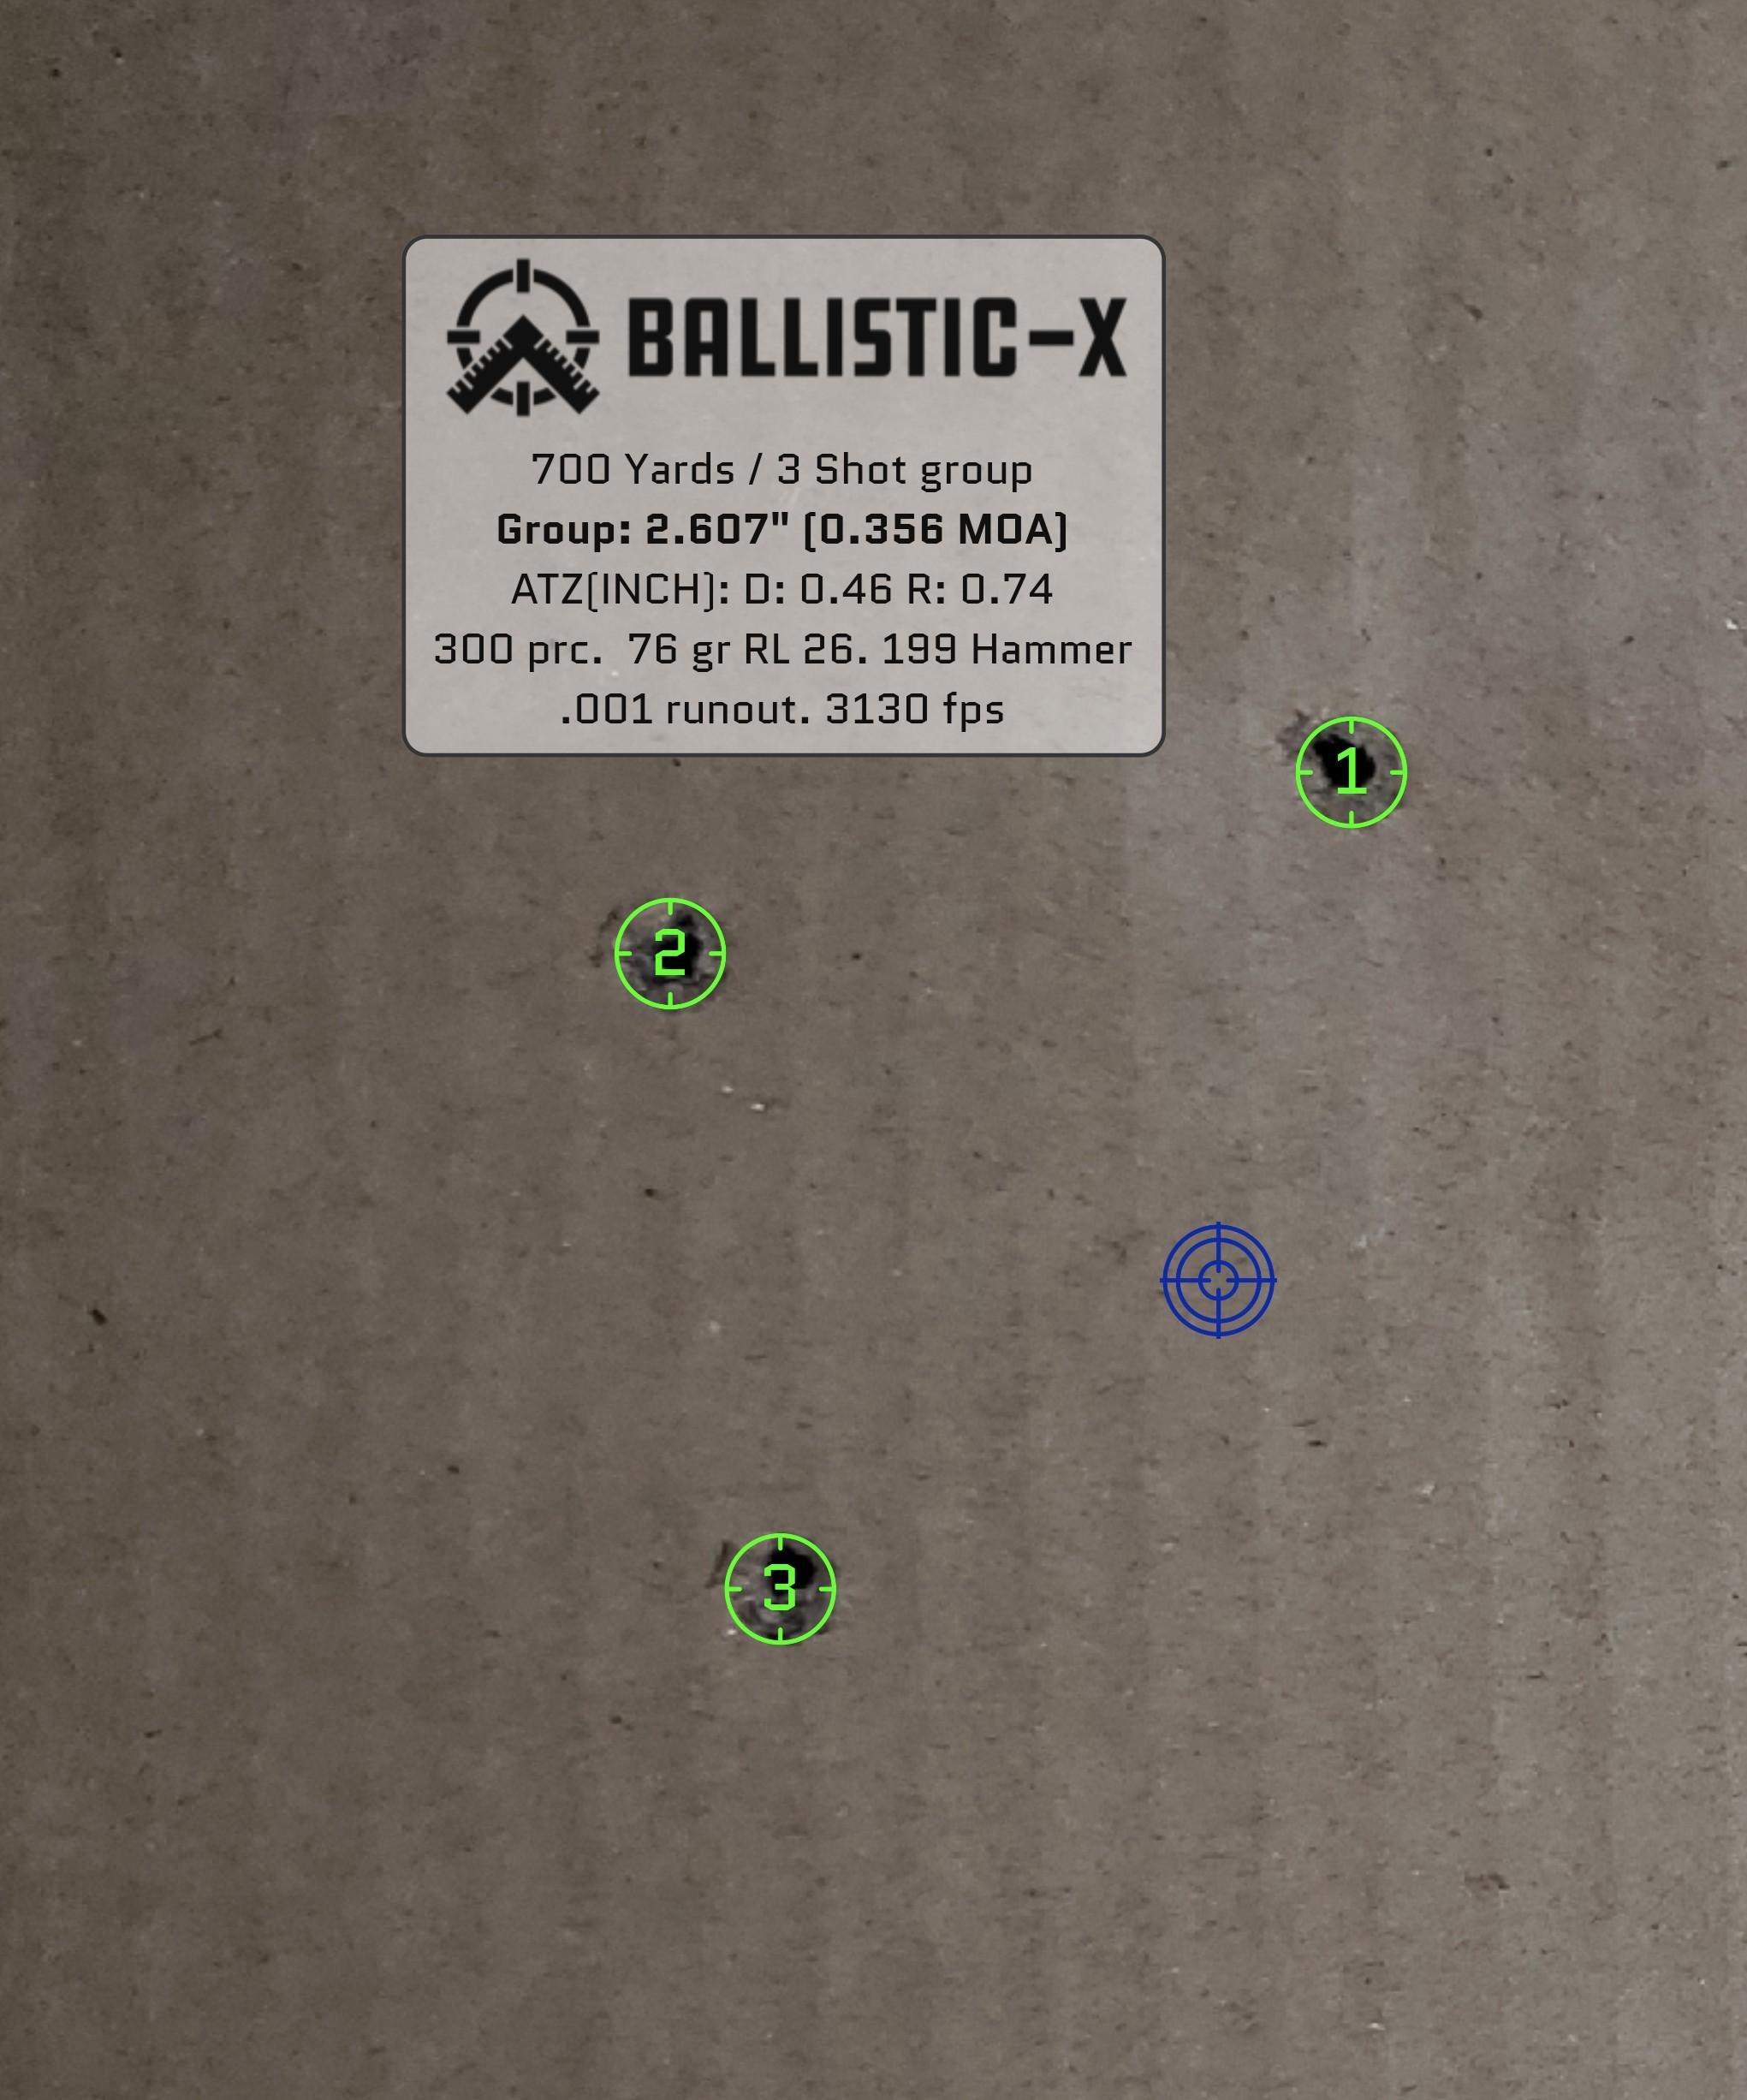 Ballistic-X-Export-2021-04-04 22:50:51.629480.jpg